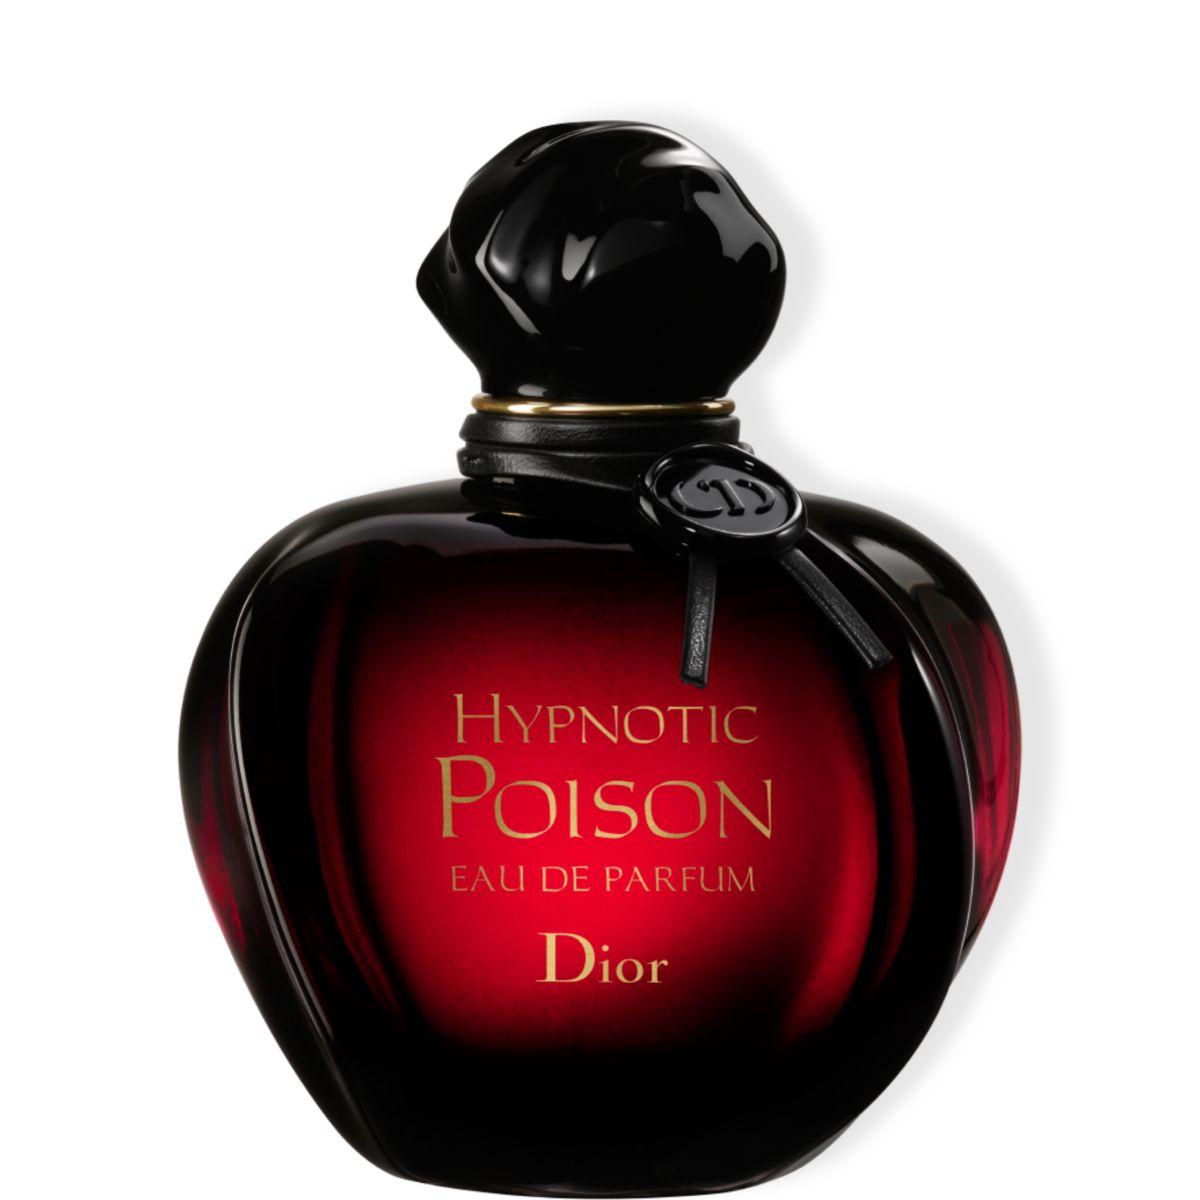 Eau de Parfum Hypnotic Poison - DIOR